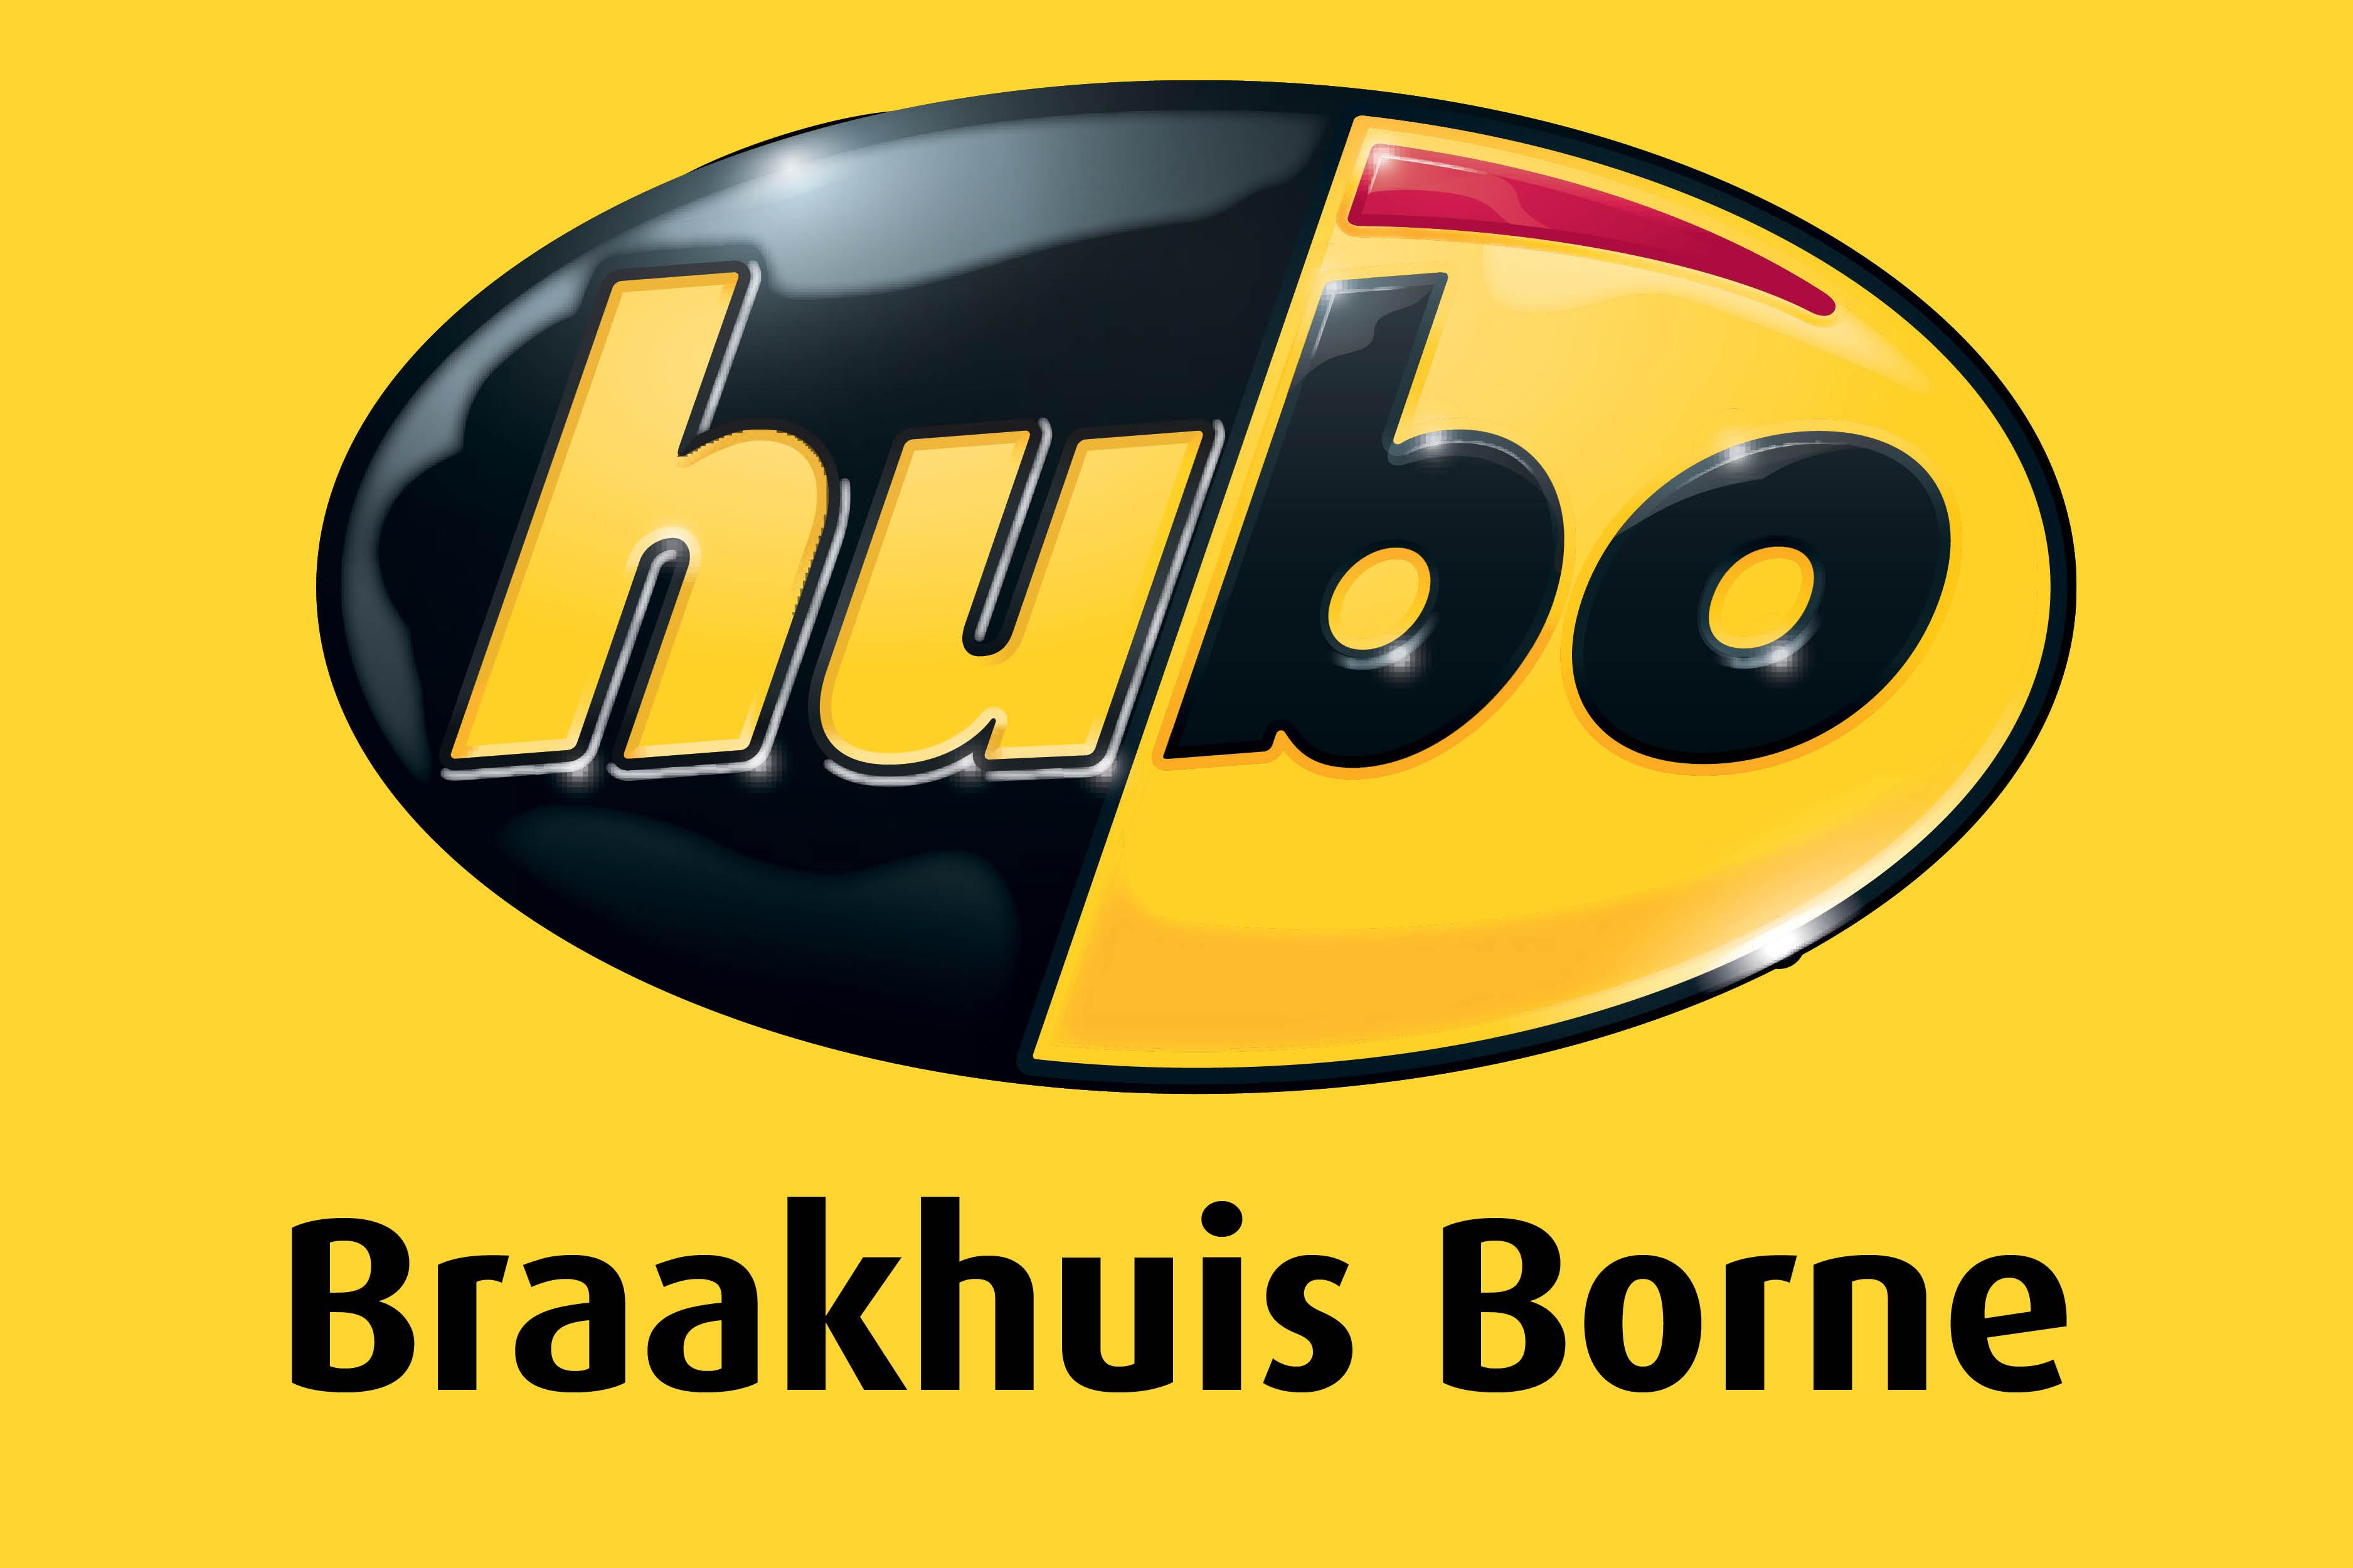 Hubo Braakhuis Borne